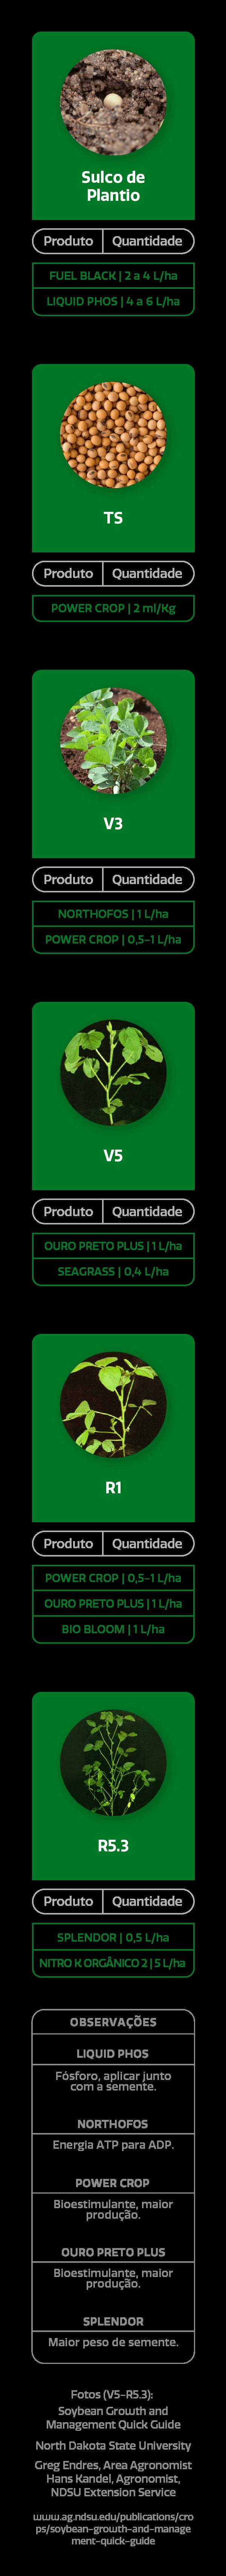 Amazon AgroSciences Páginas de Cultura Estágios da Soja Imagem Para Celular Atualizada